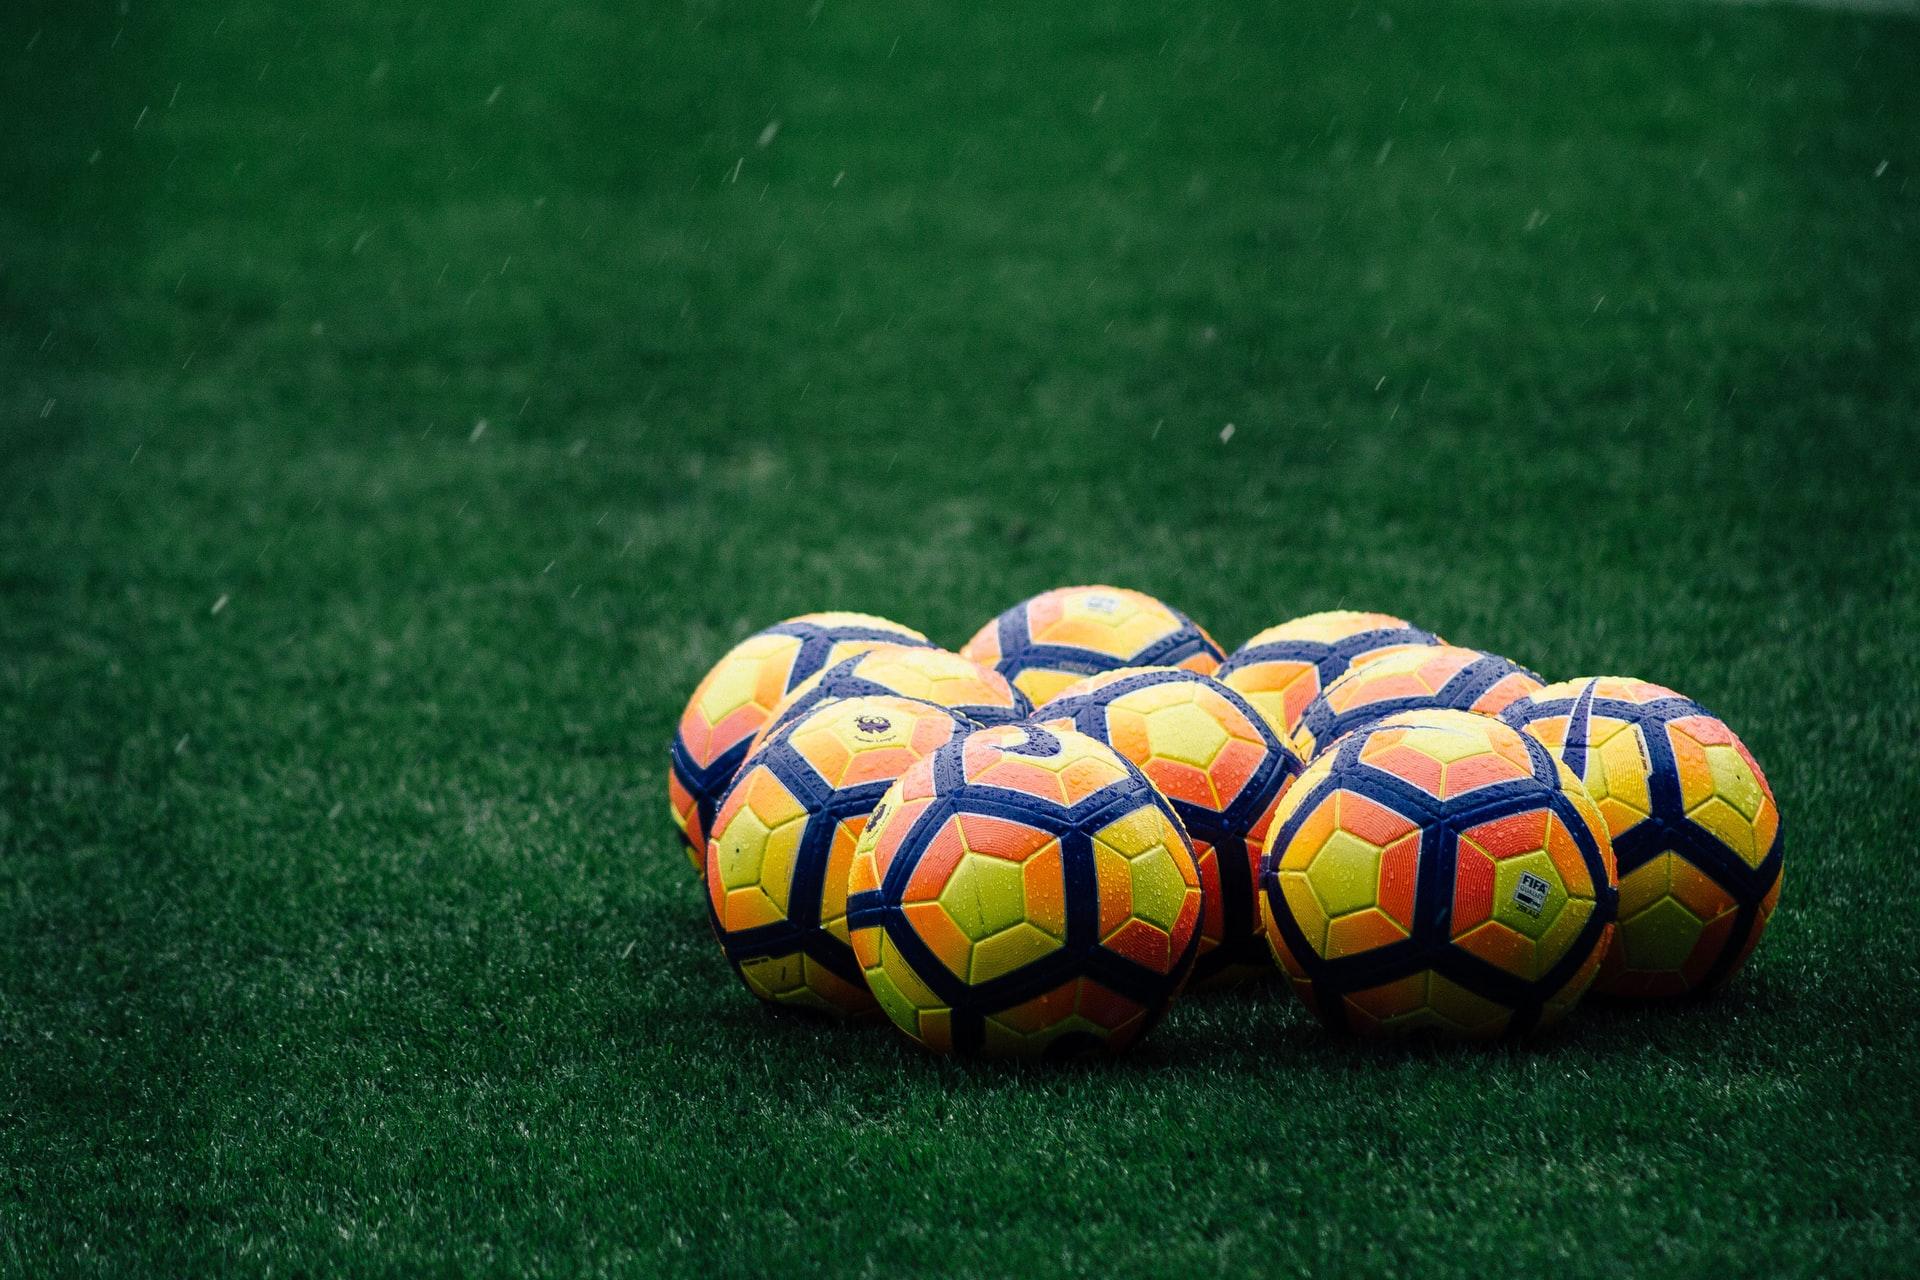 Futbolistas como James Rodríguez, João Félix y Radamel Falcao lanzan coleccionables digitales en Zilliqa, mientras que el club Atlético Mineiro llevará camisetas históricas como NFT a Binance